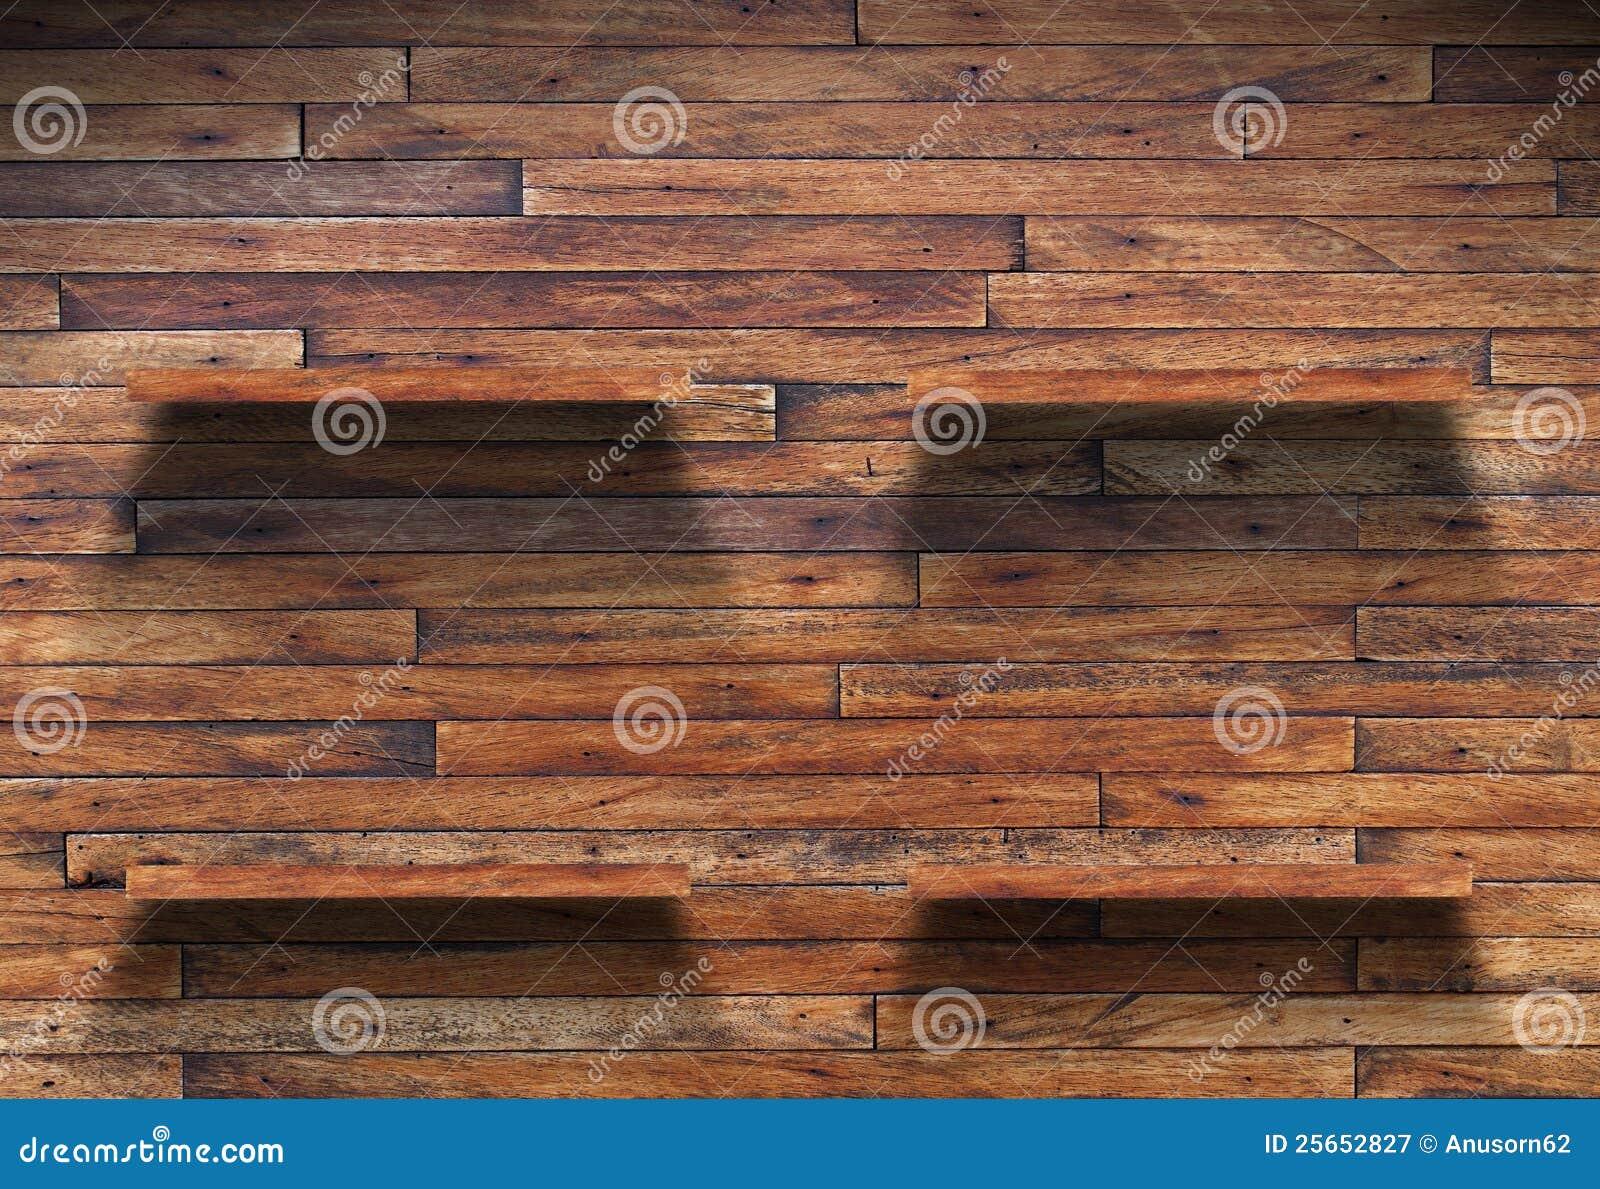 Prateleira De Madeira Na Parede De Madeira Fotografia de Stock Royalty  #82A229 1300x983